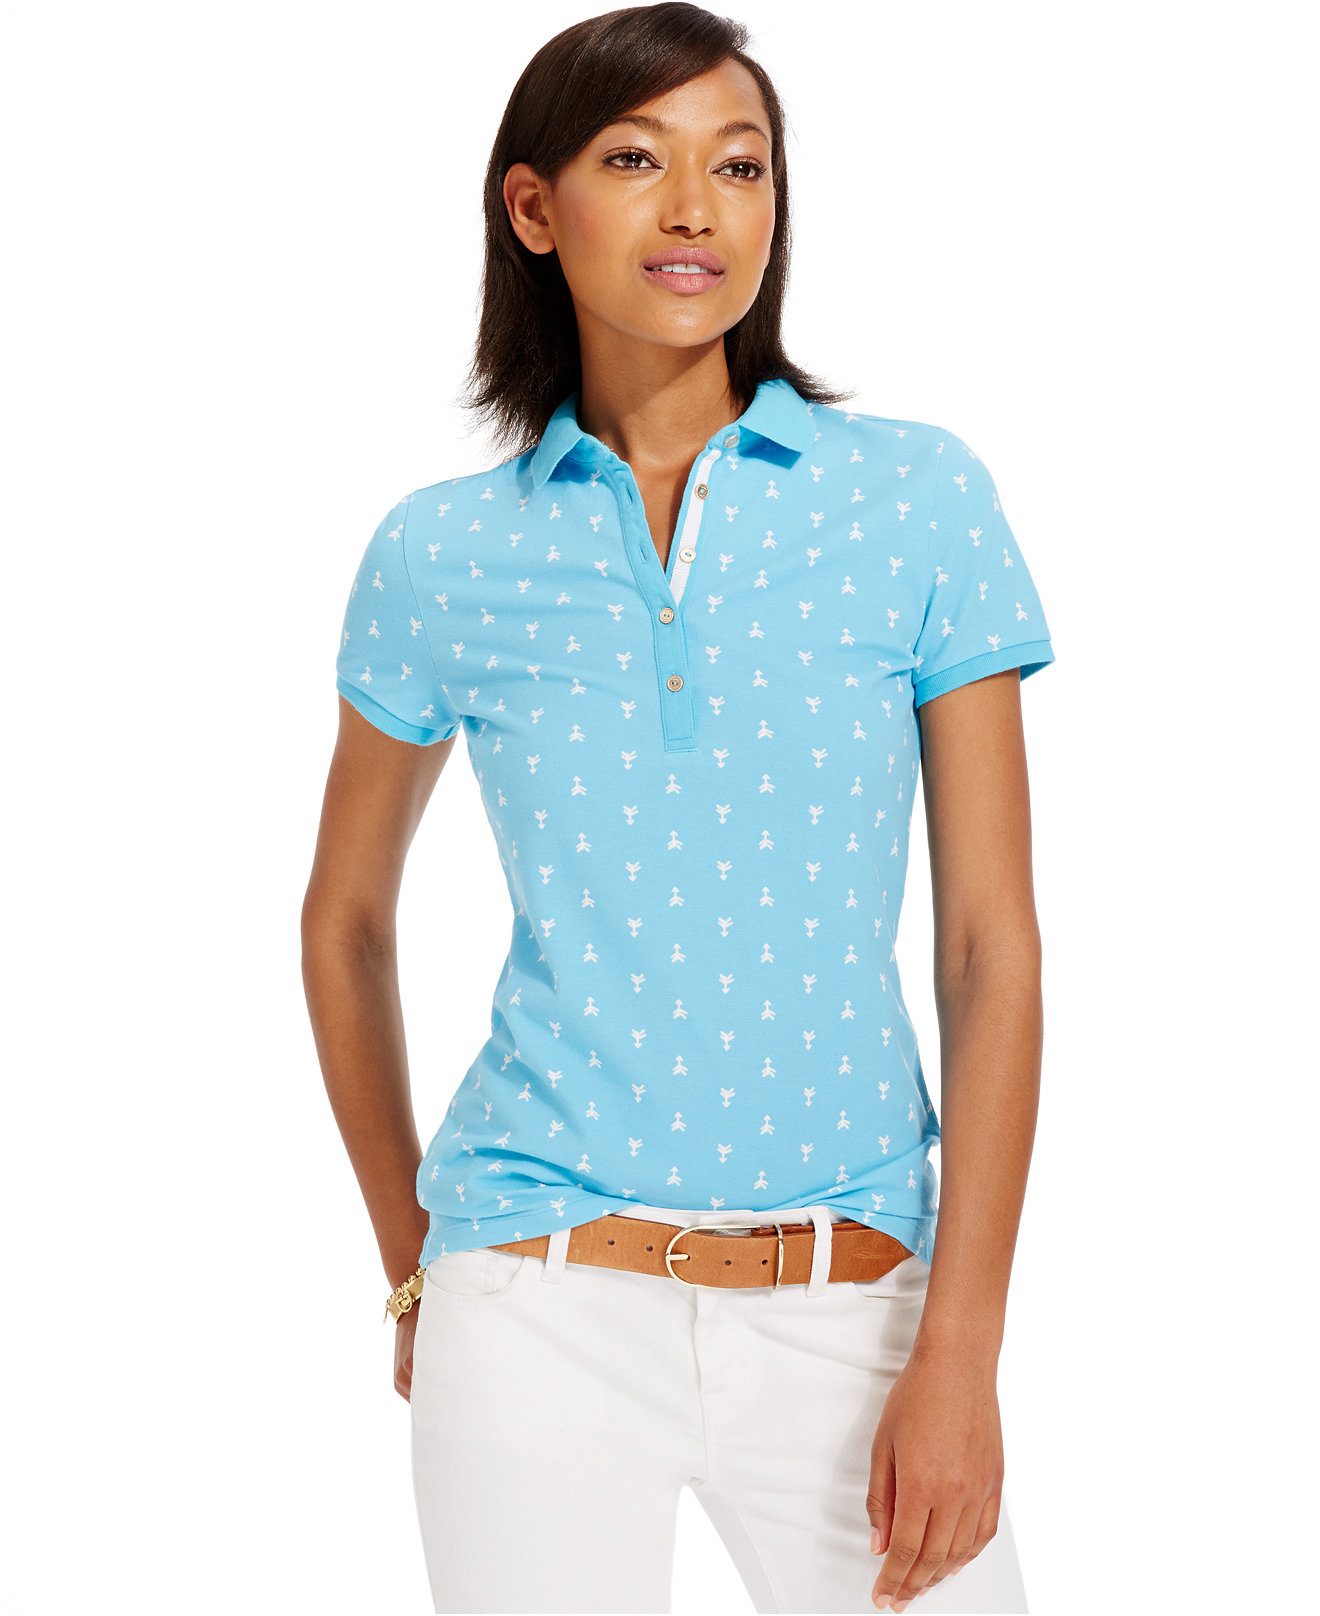 Рубашка поло Tommy hilfiger  2015 POLO футболка детская tommy hilfiger 2015 polo ml